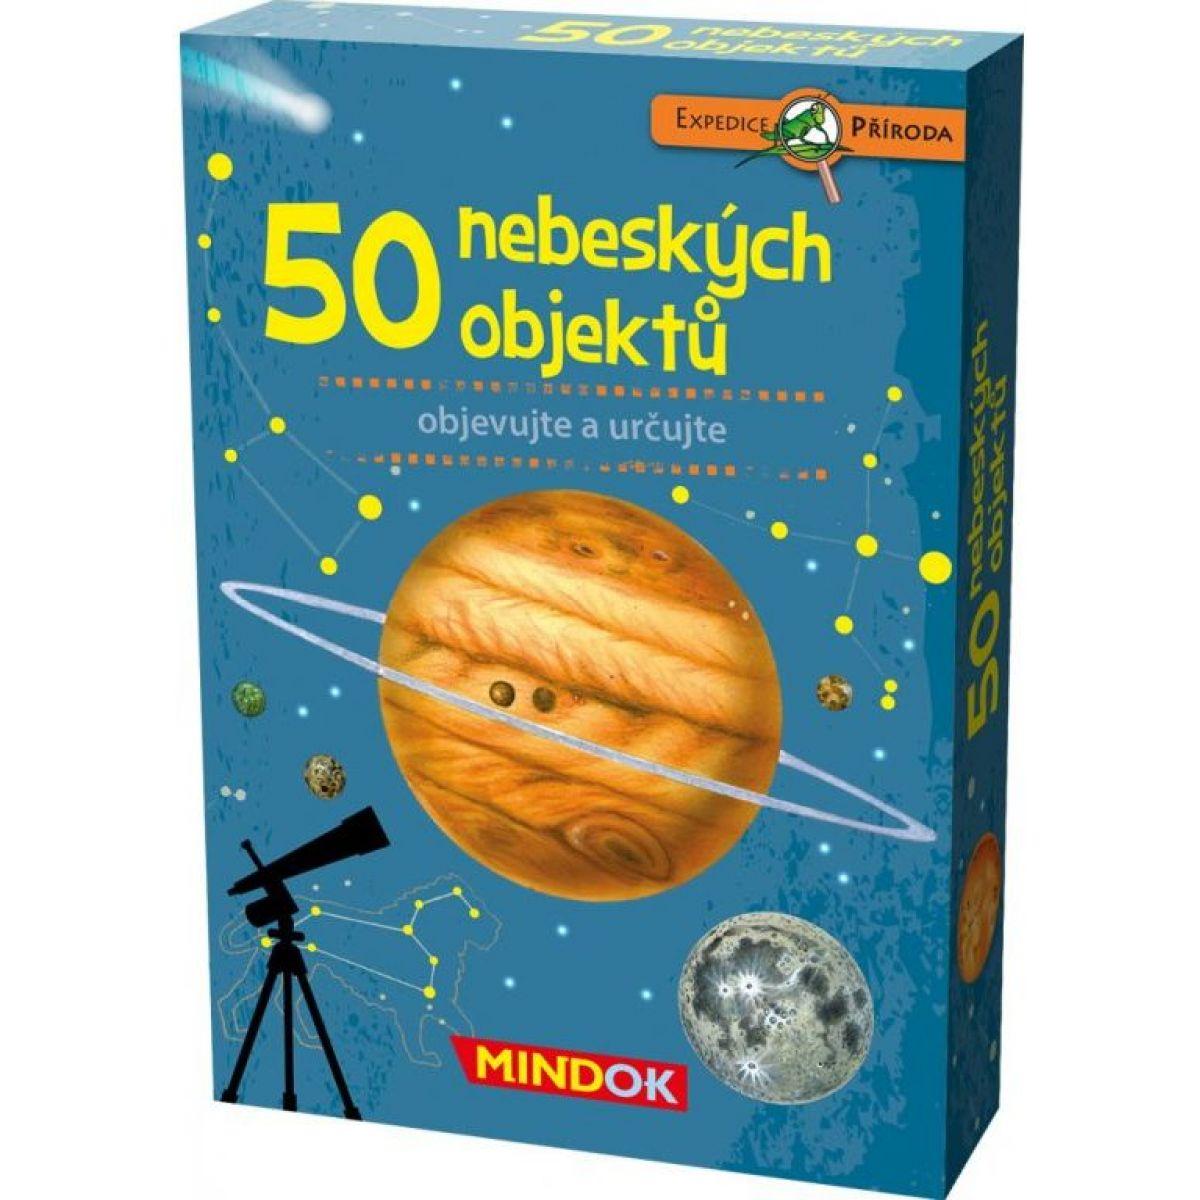 Mindok Expedice příroda 50 nebeských objektů